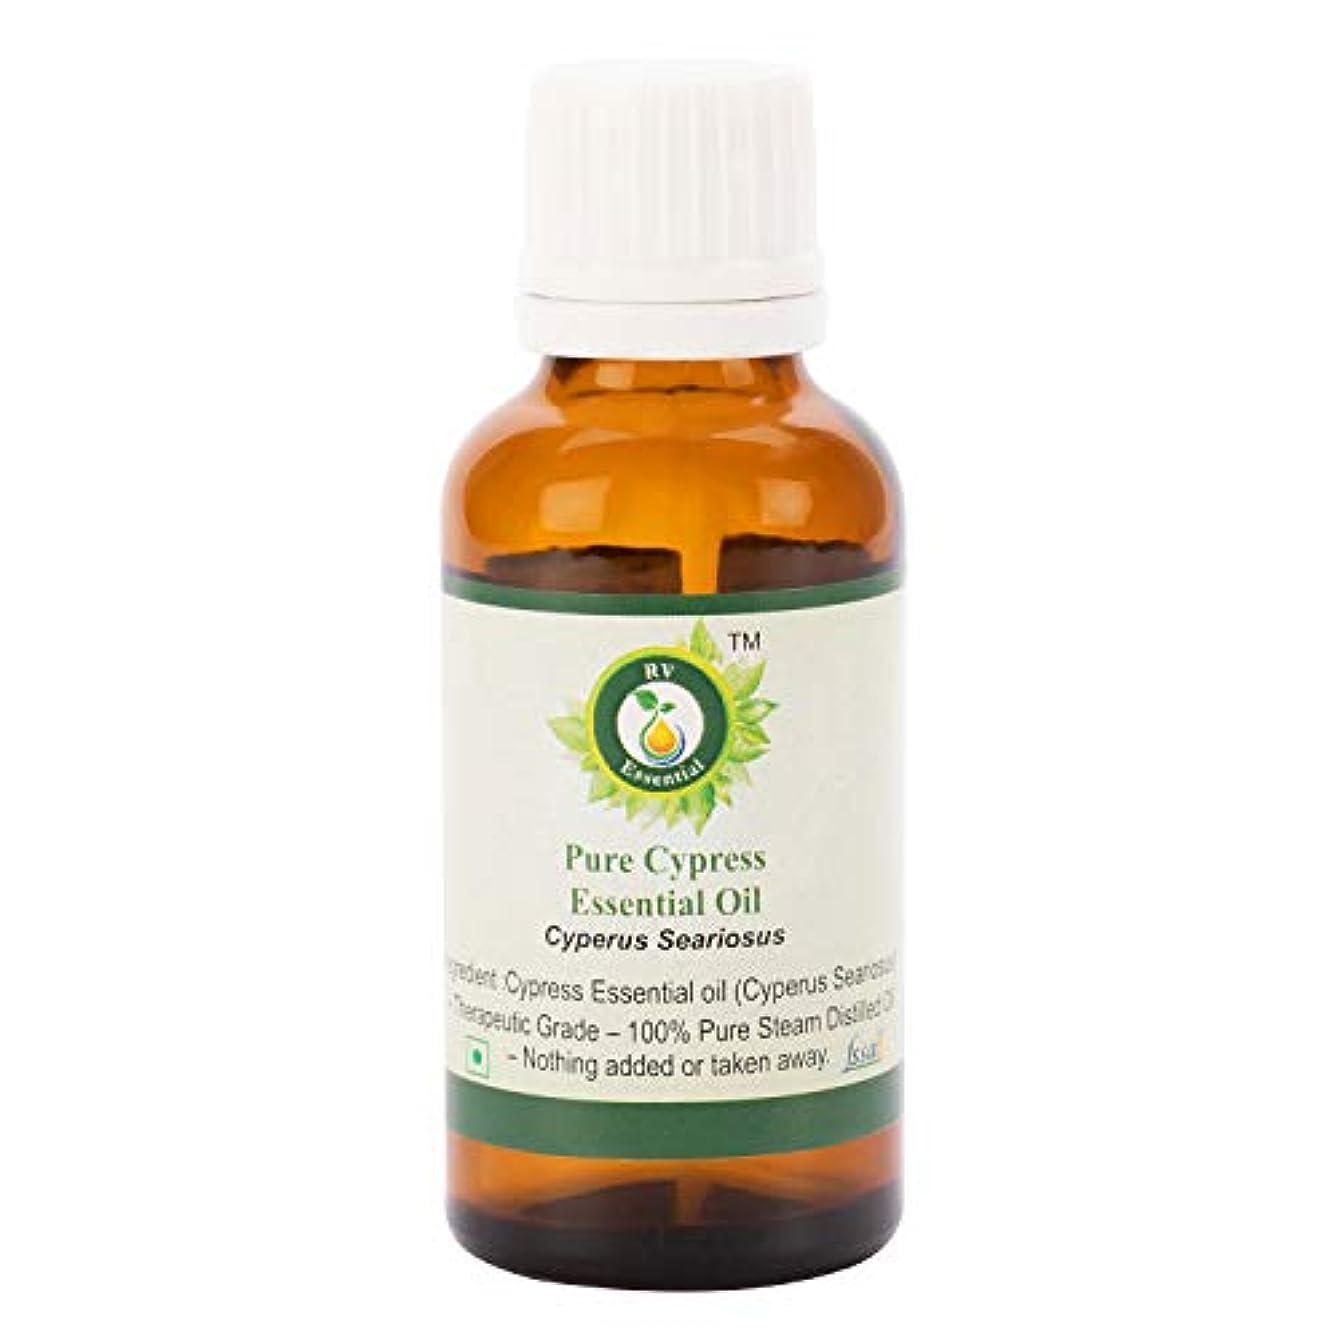 スタジアム枯渇天のピュアサイプレスエッセンシャルオイル100ml (3.38oz)- Cyperus Seariosus (100%純粋&天然スチームDistilled) Pure Cypress Essential Oil